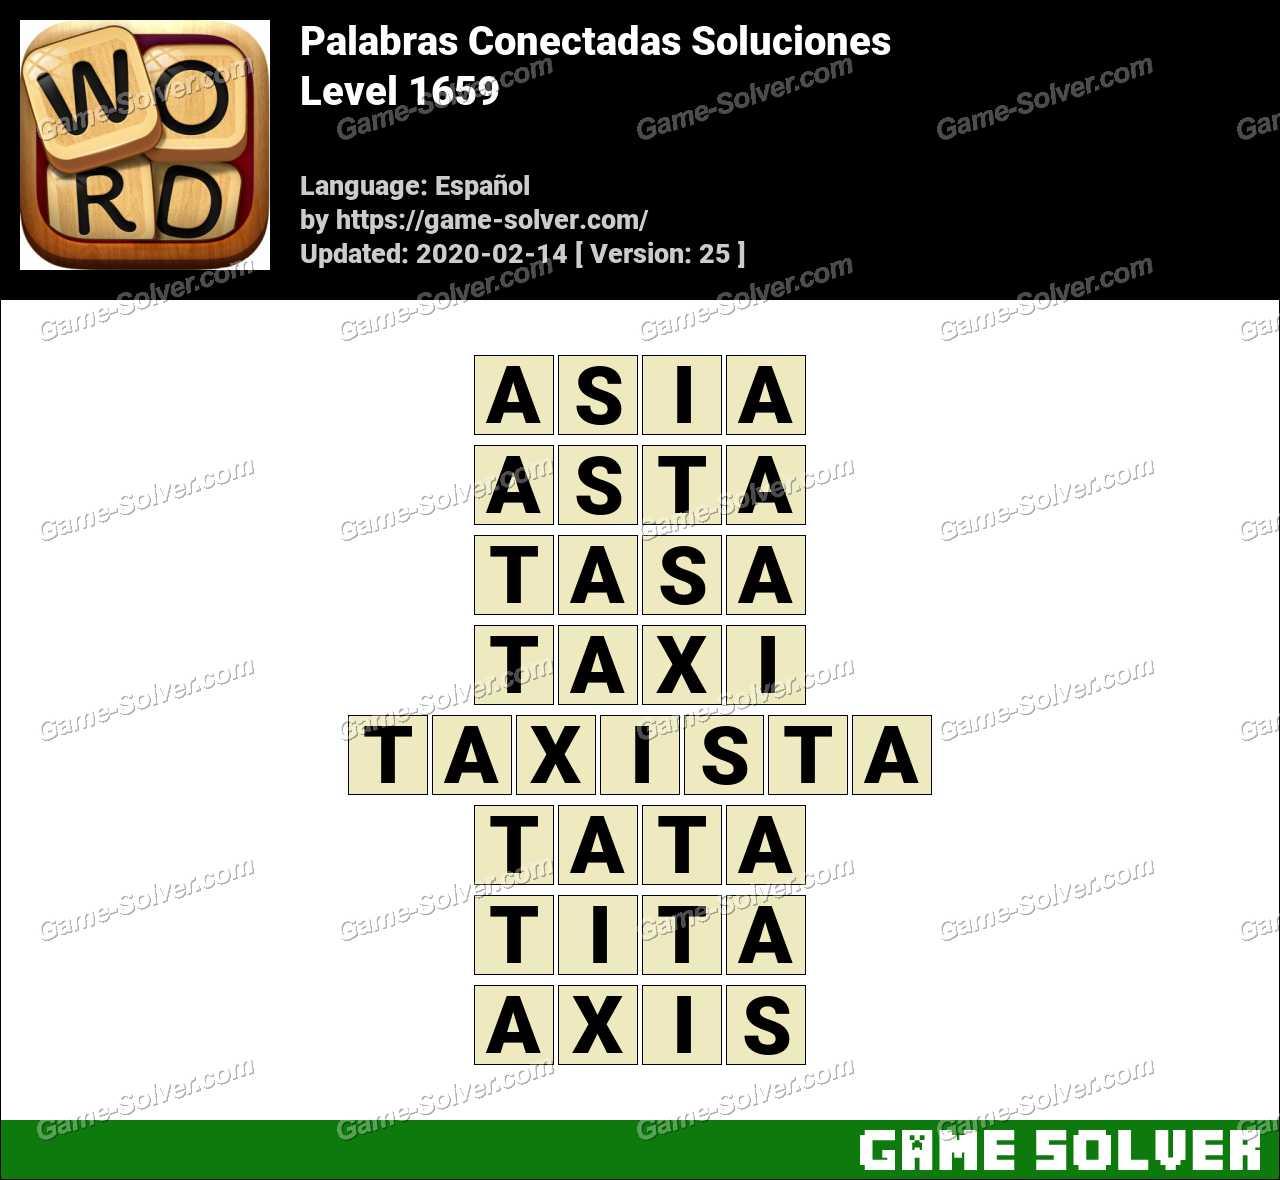 Palabras Conectadas Nivel 1659 Soluciones